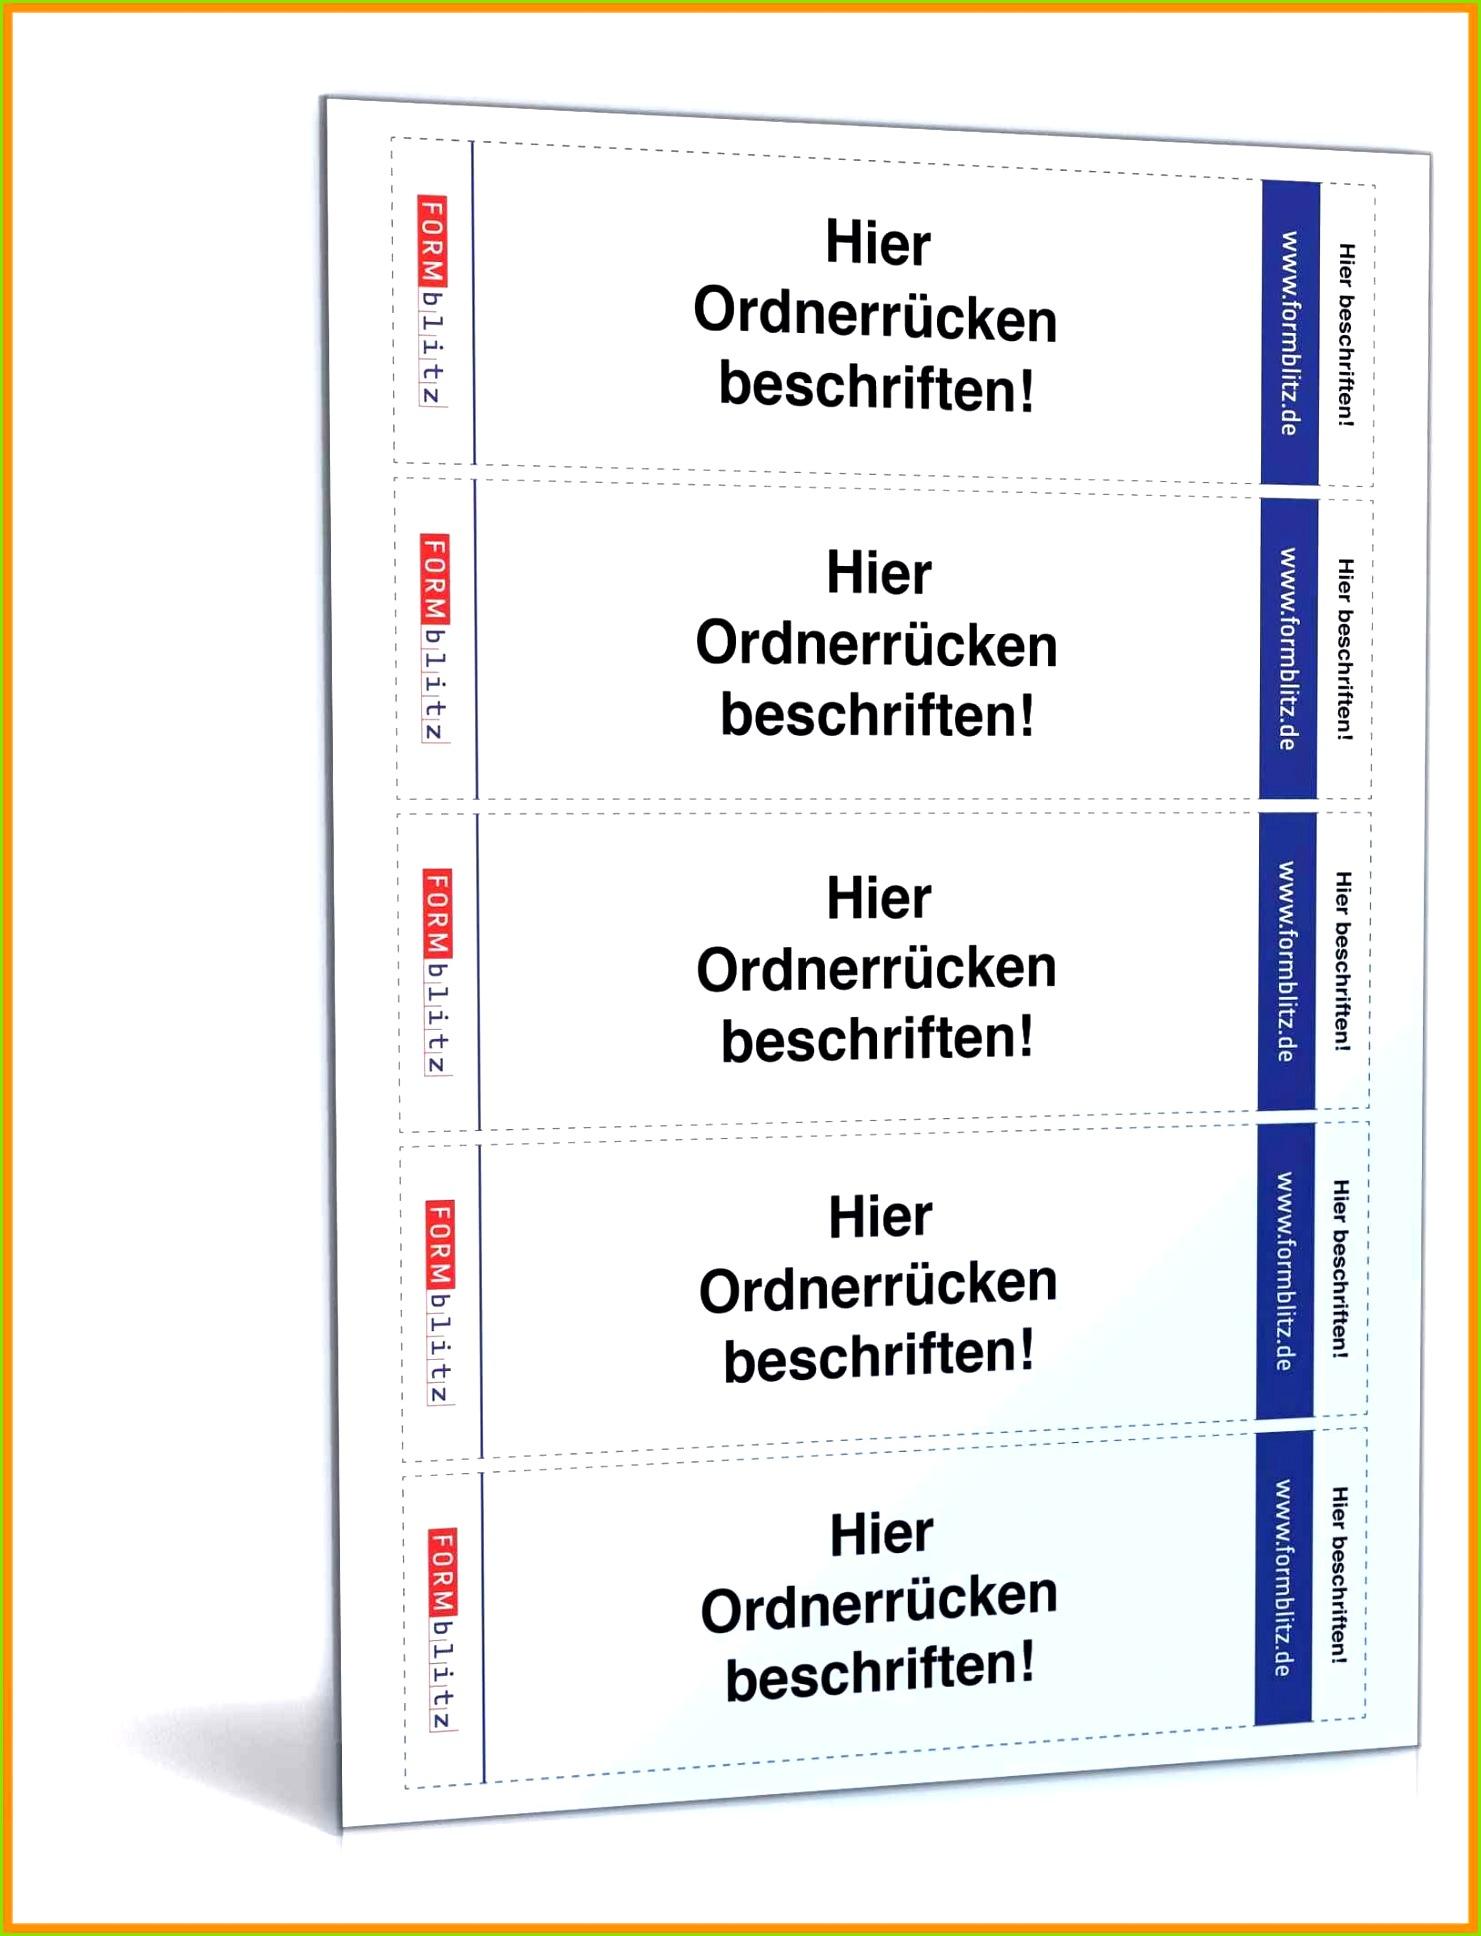 Leitz ordnerrücken Vorlage Word 2016